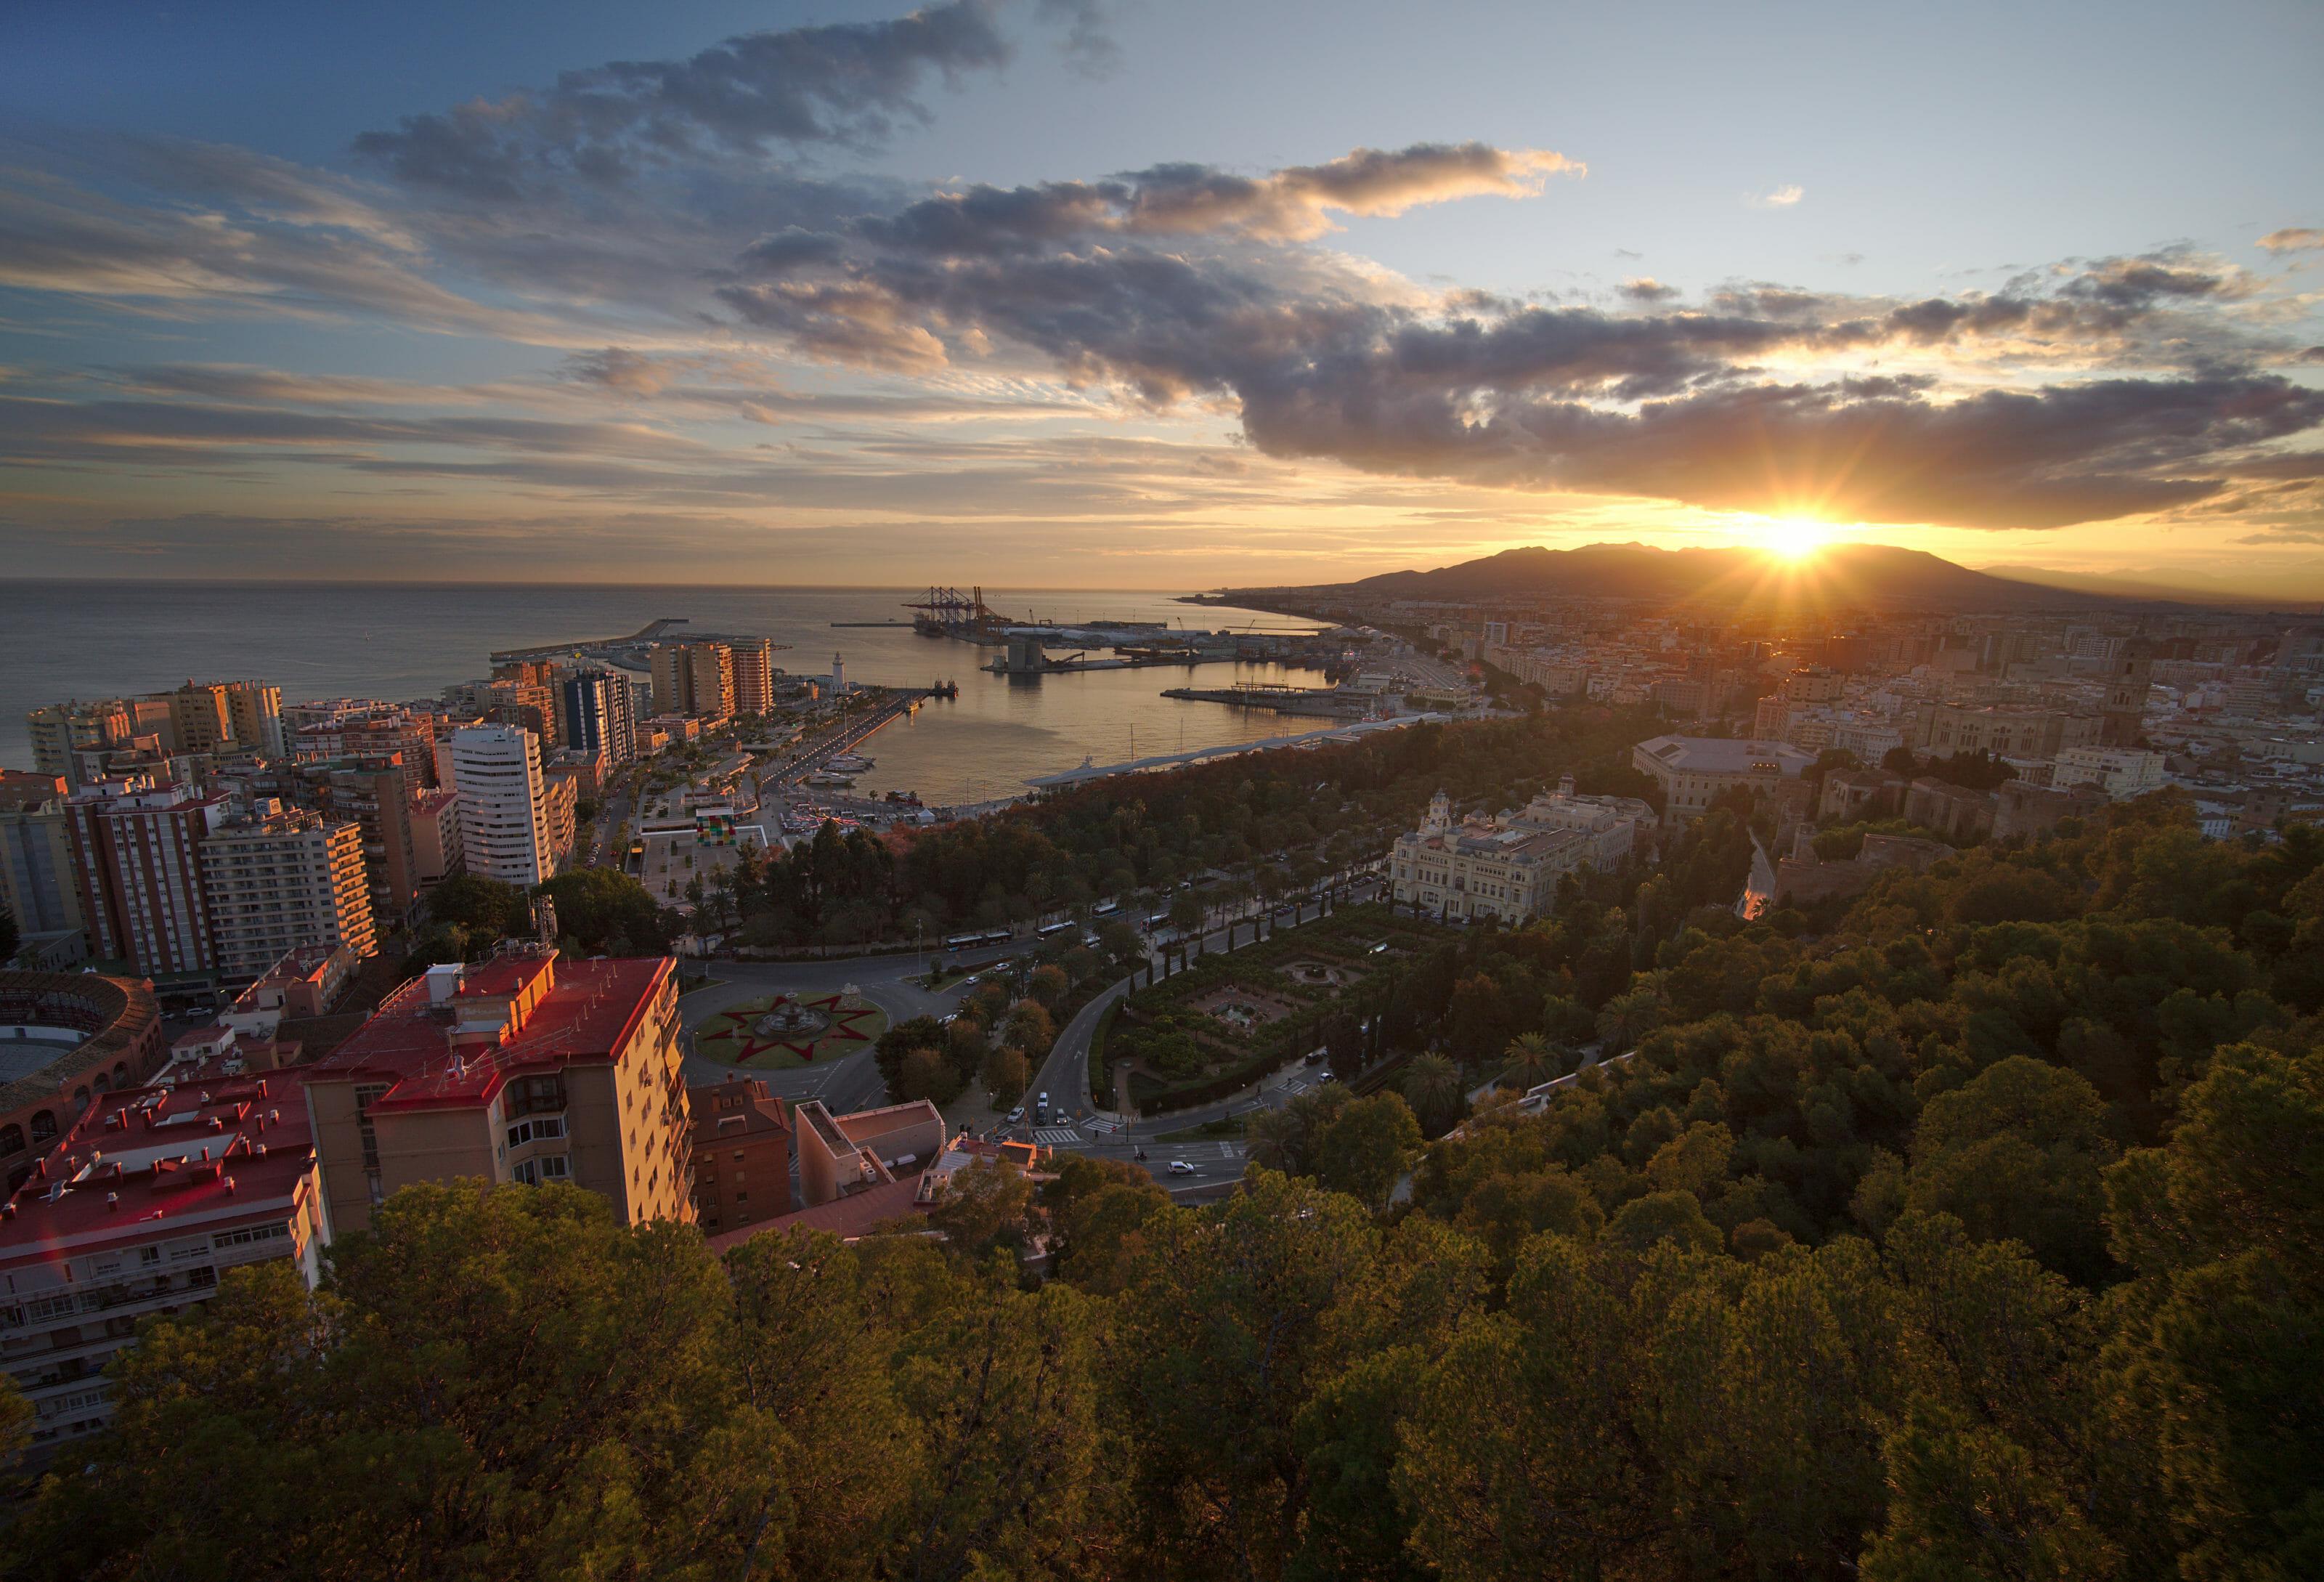 coucher de soleil du mirador Gibralfaro